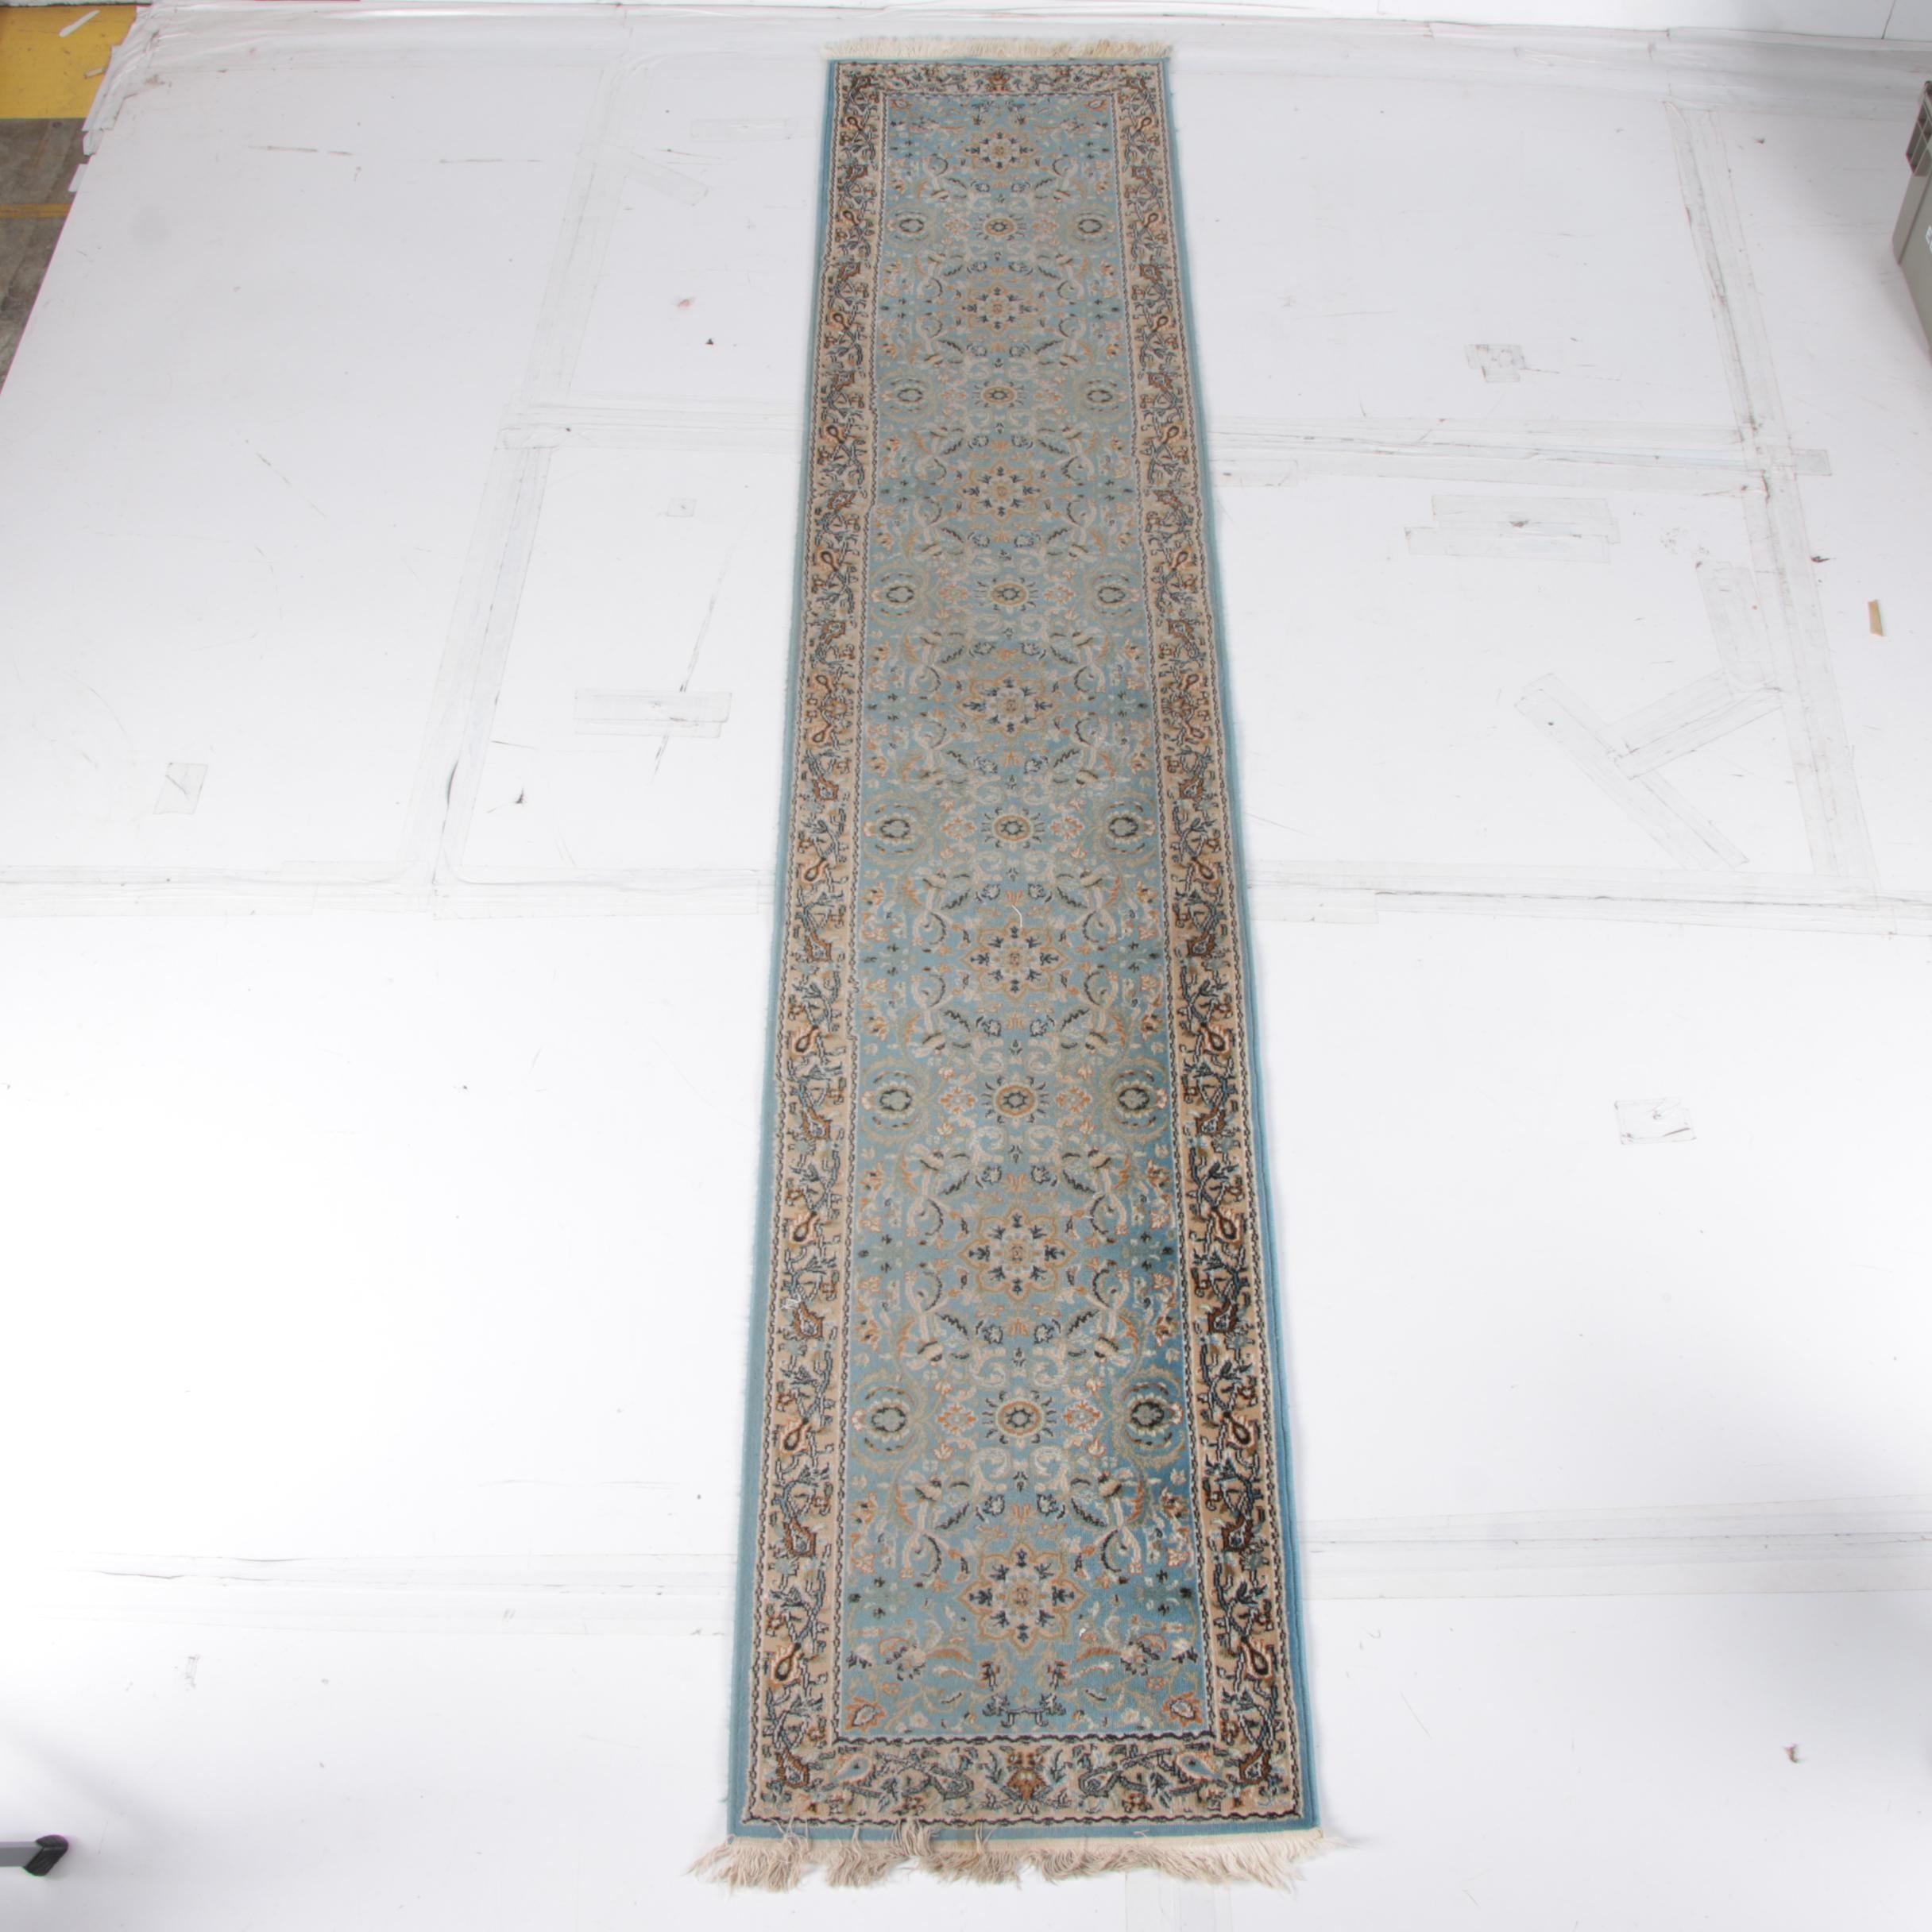 Power-Loomed Persian-Style Carpet Runner